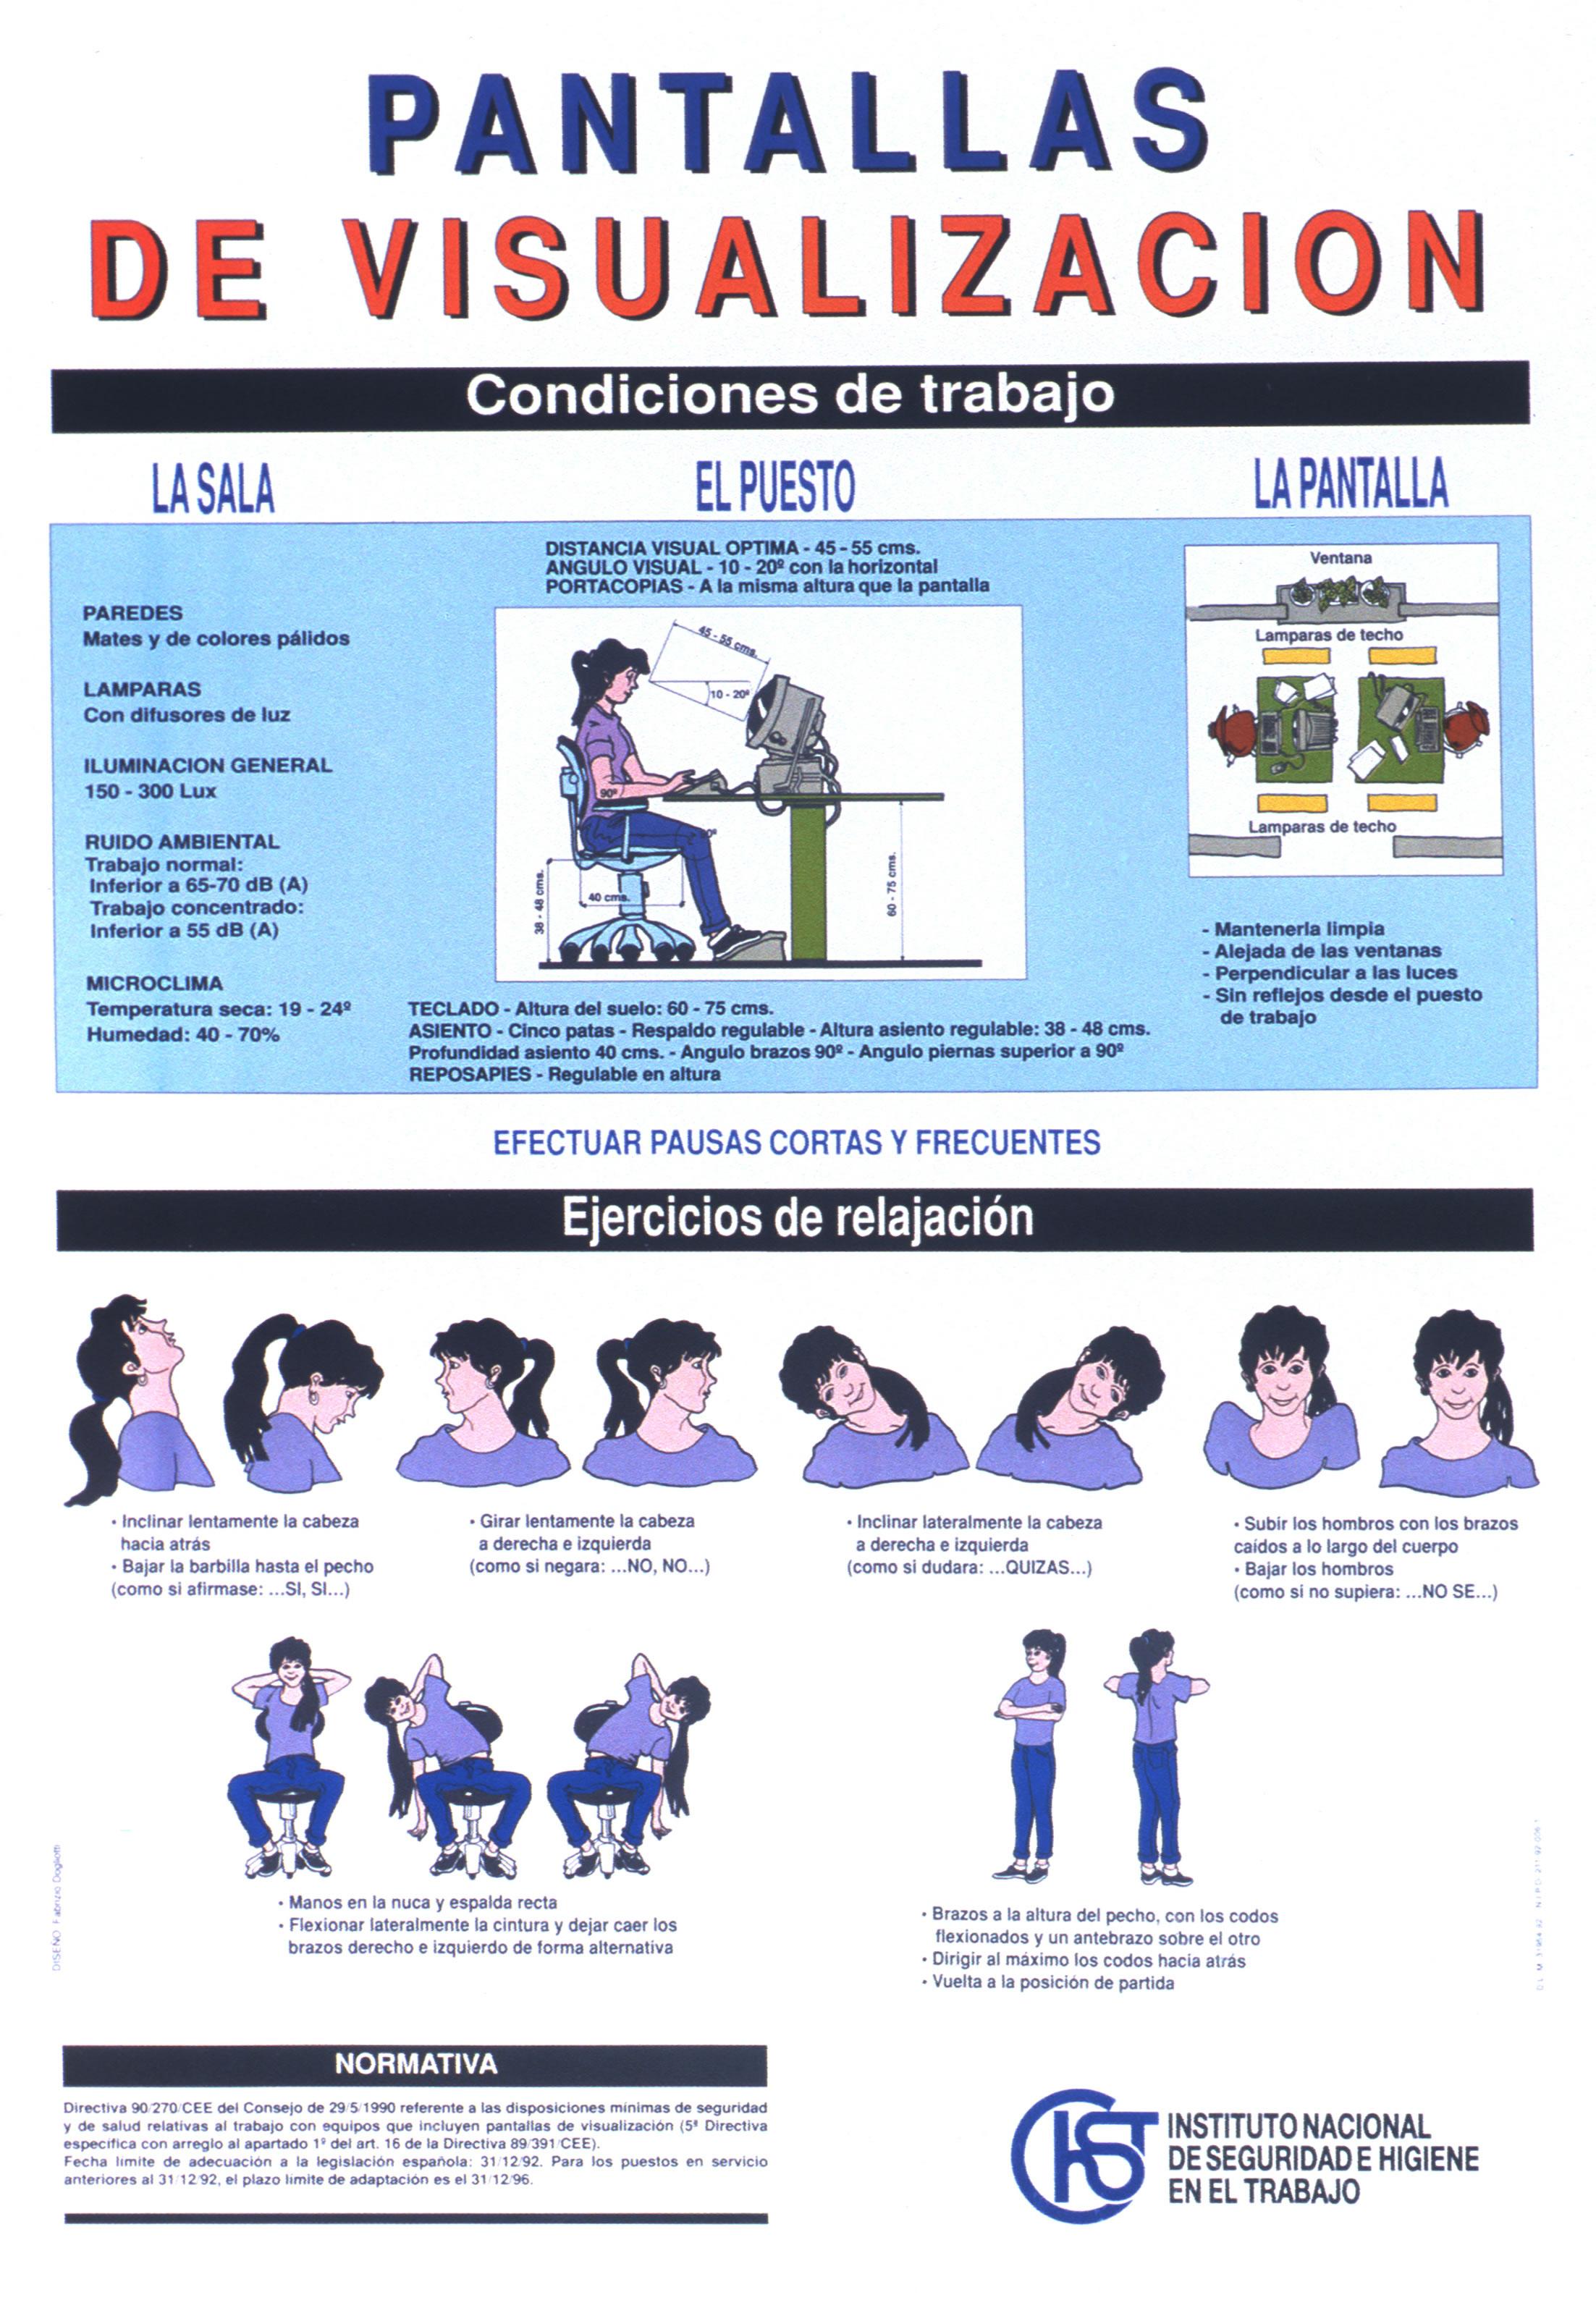 Pantallas de visualización. Cartel - Año 2000